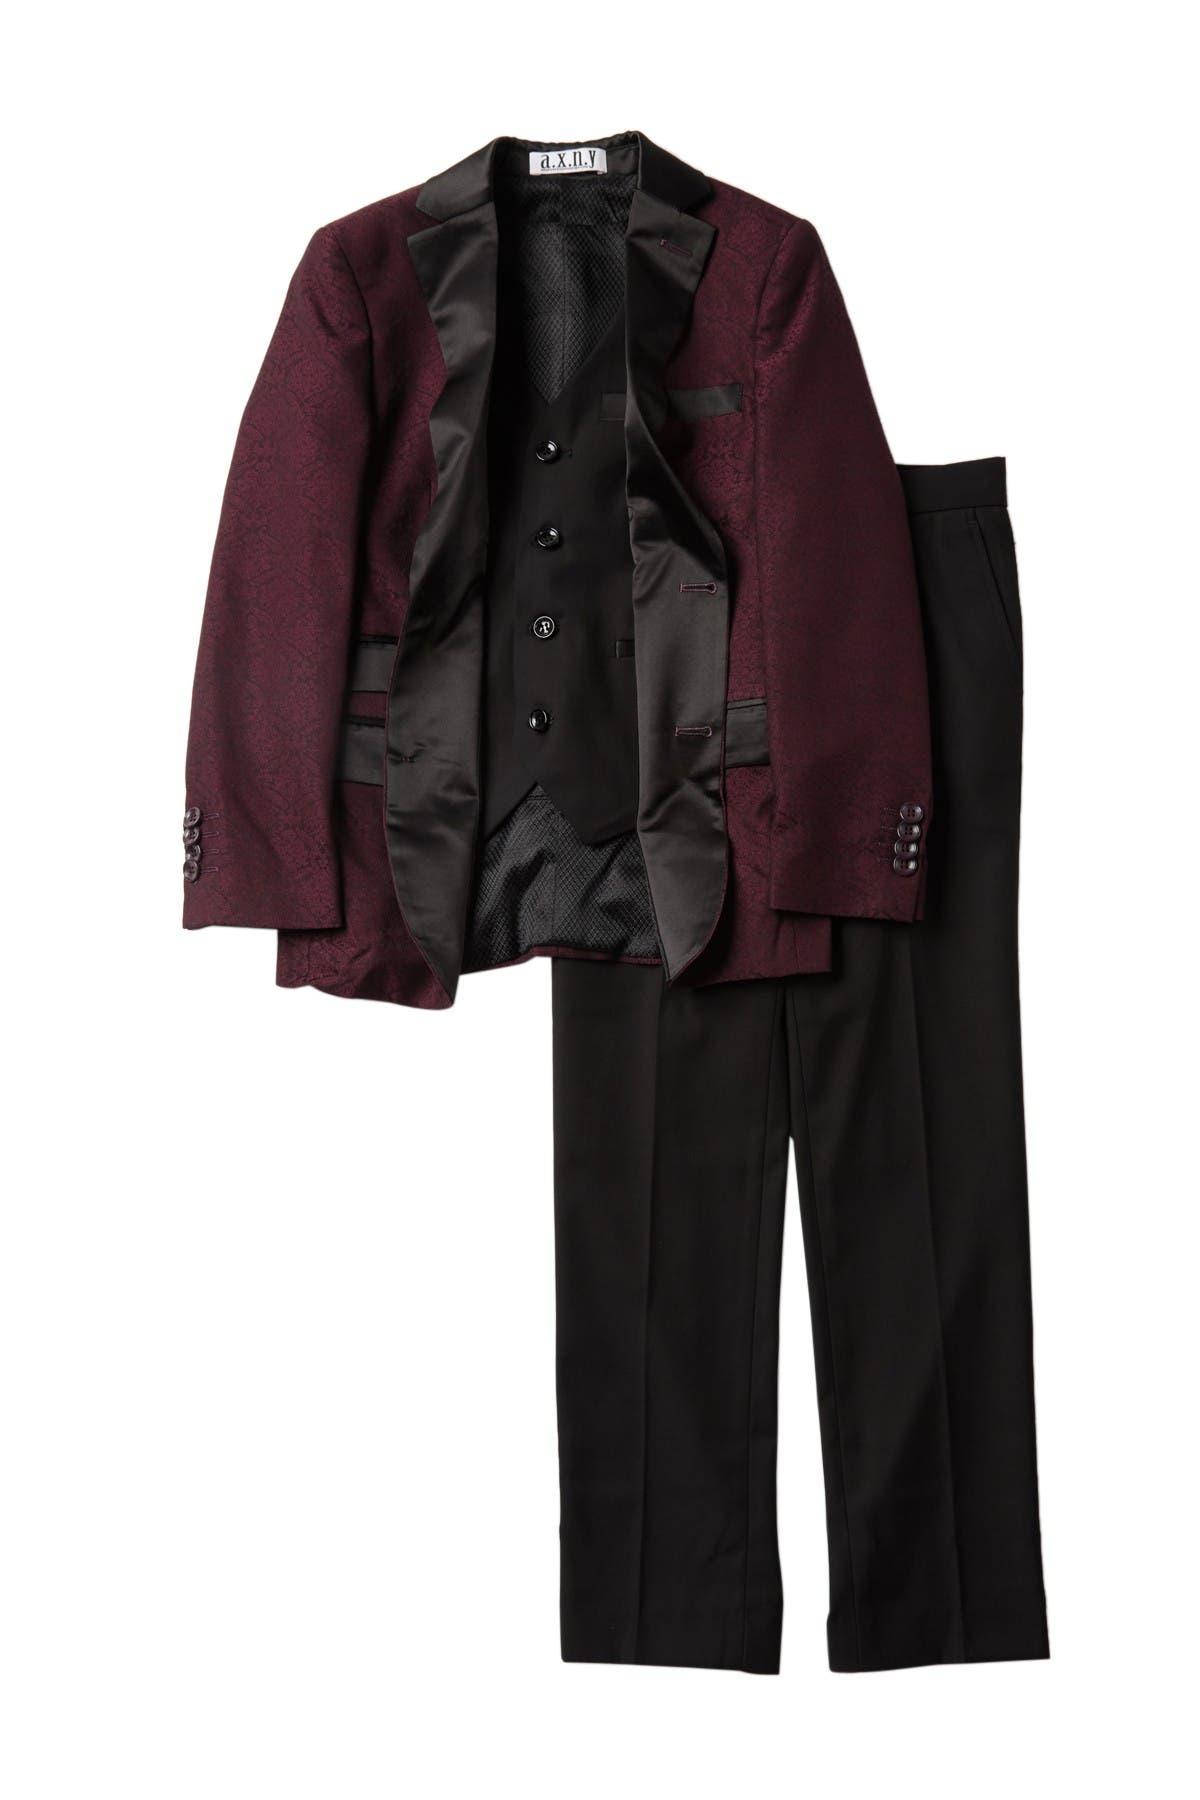 Image of Isaac Mizrahi 3-Piece Satin Lapel Suit